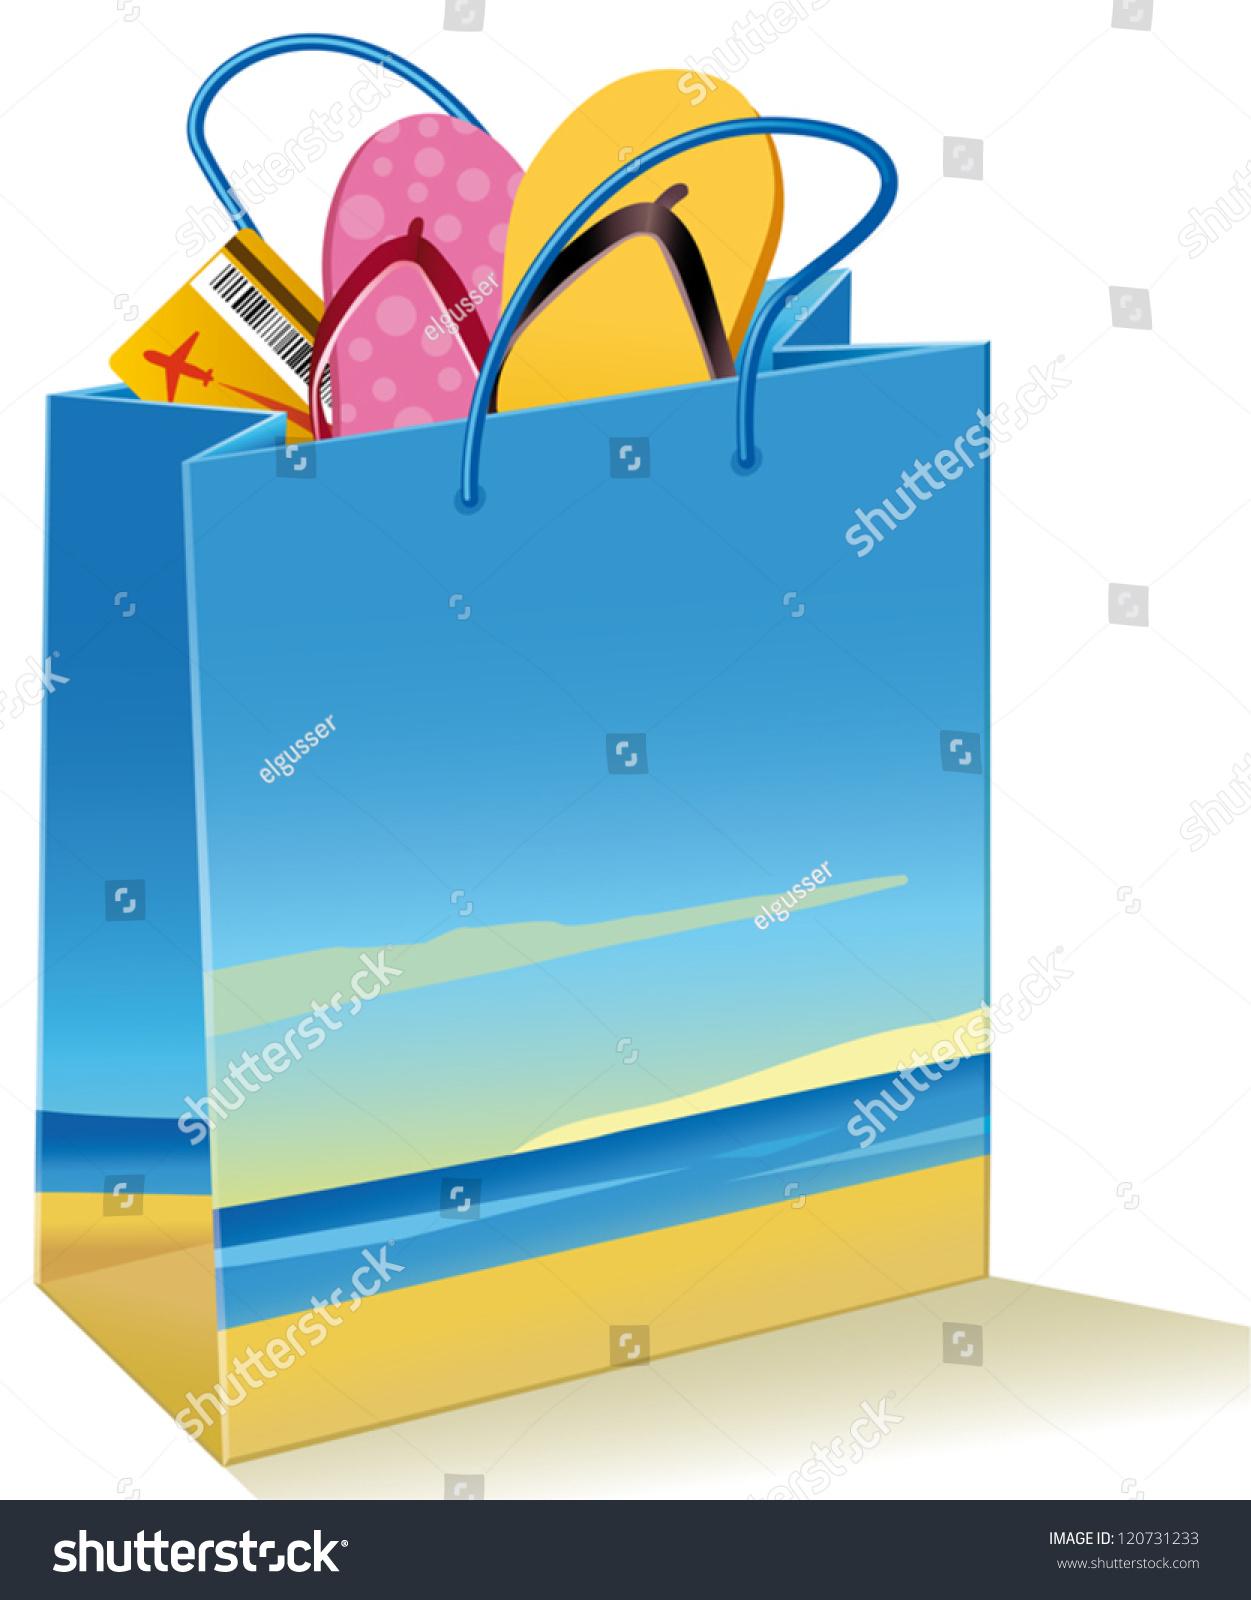 包装 包装设计 购物纸袋 设计 矢量 矢量图 素材 纸袋 1251_1600 竖版